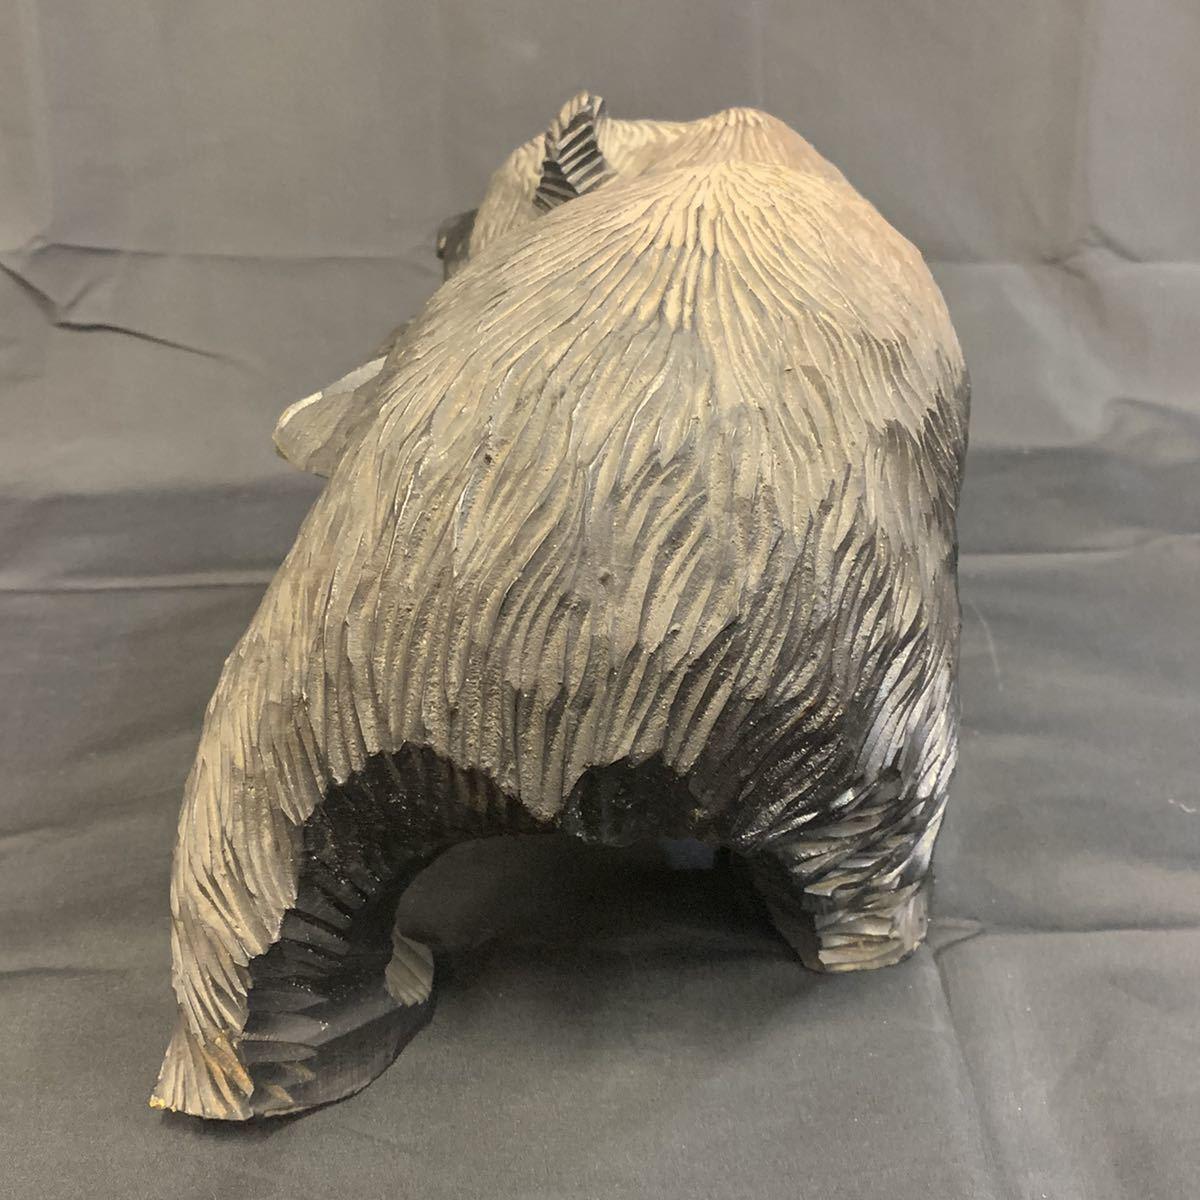 空89)木彫りの熊 くま 北海道 民芸品_画像4